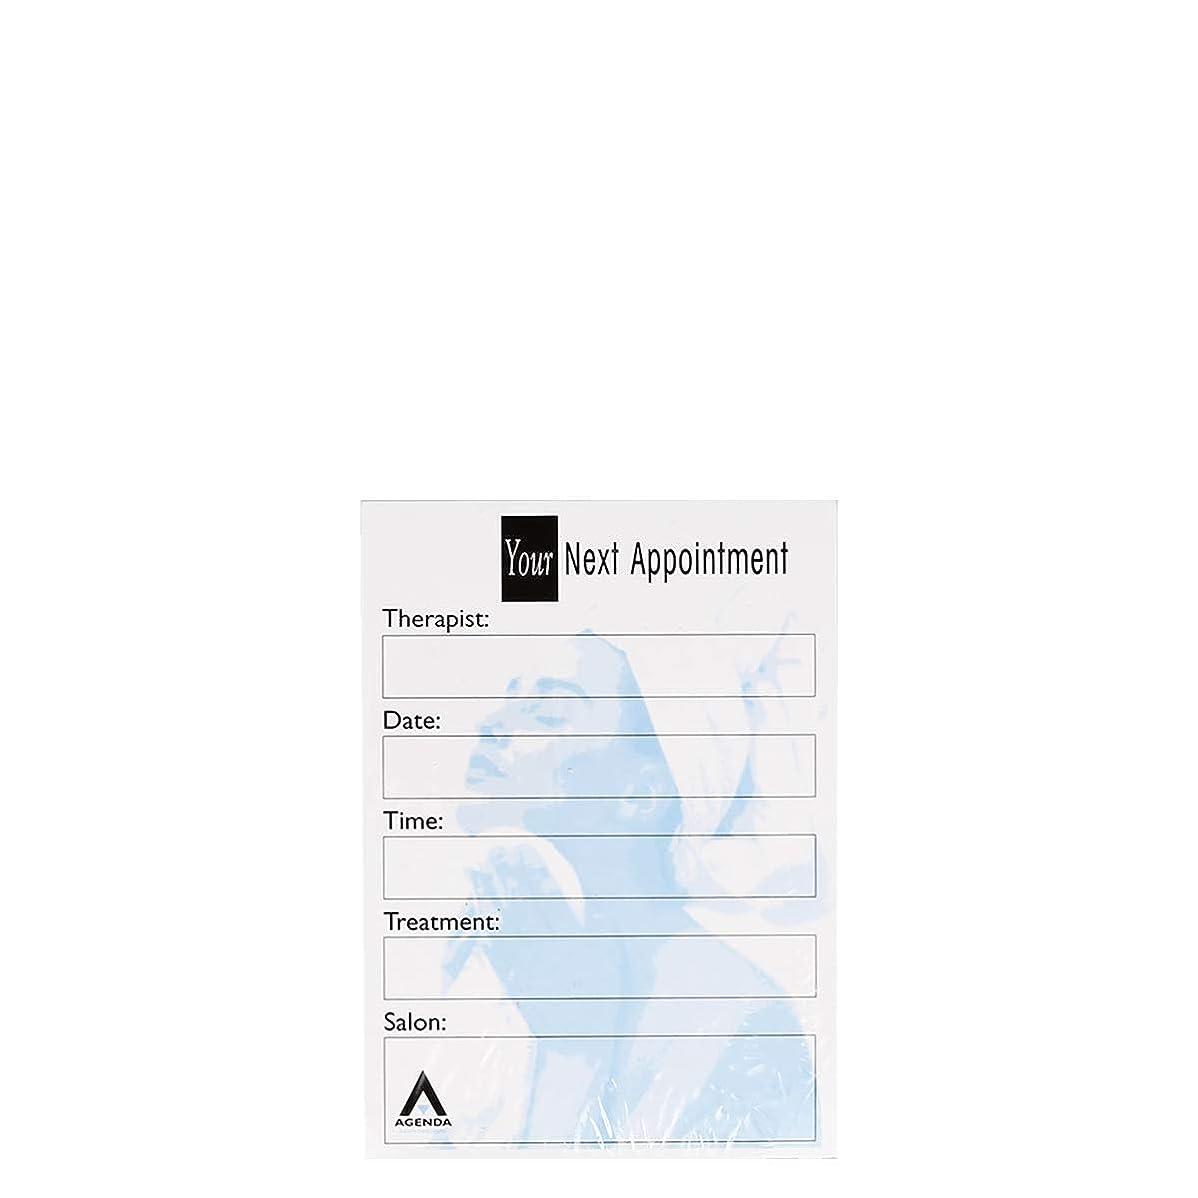 うめきジョージバーナードアカデミックアジェンダ サロンコンセプト ネイルアポイントメントカードAP7B x100[海外直送品] [並行輸入品]